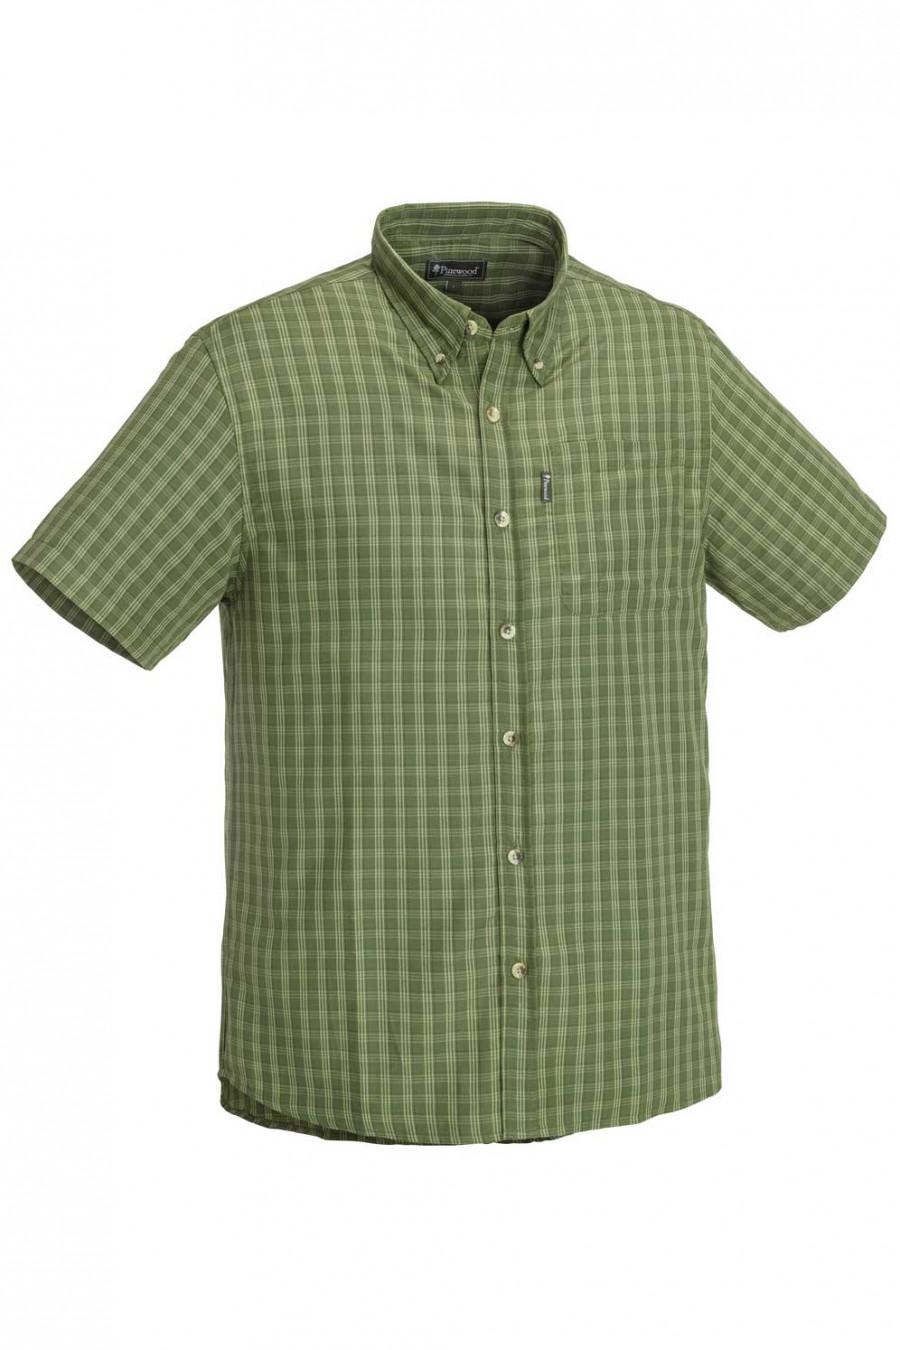 Pinewood Shirt Summer-20